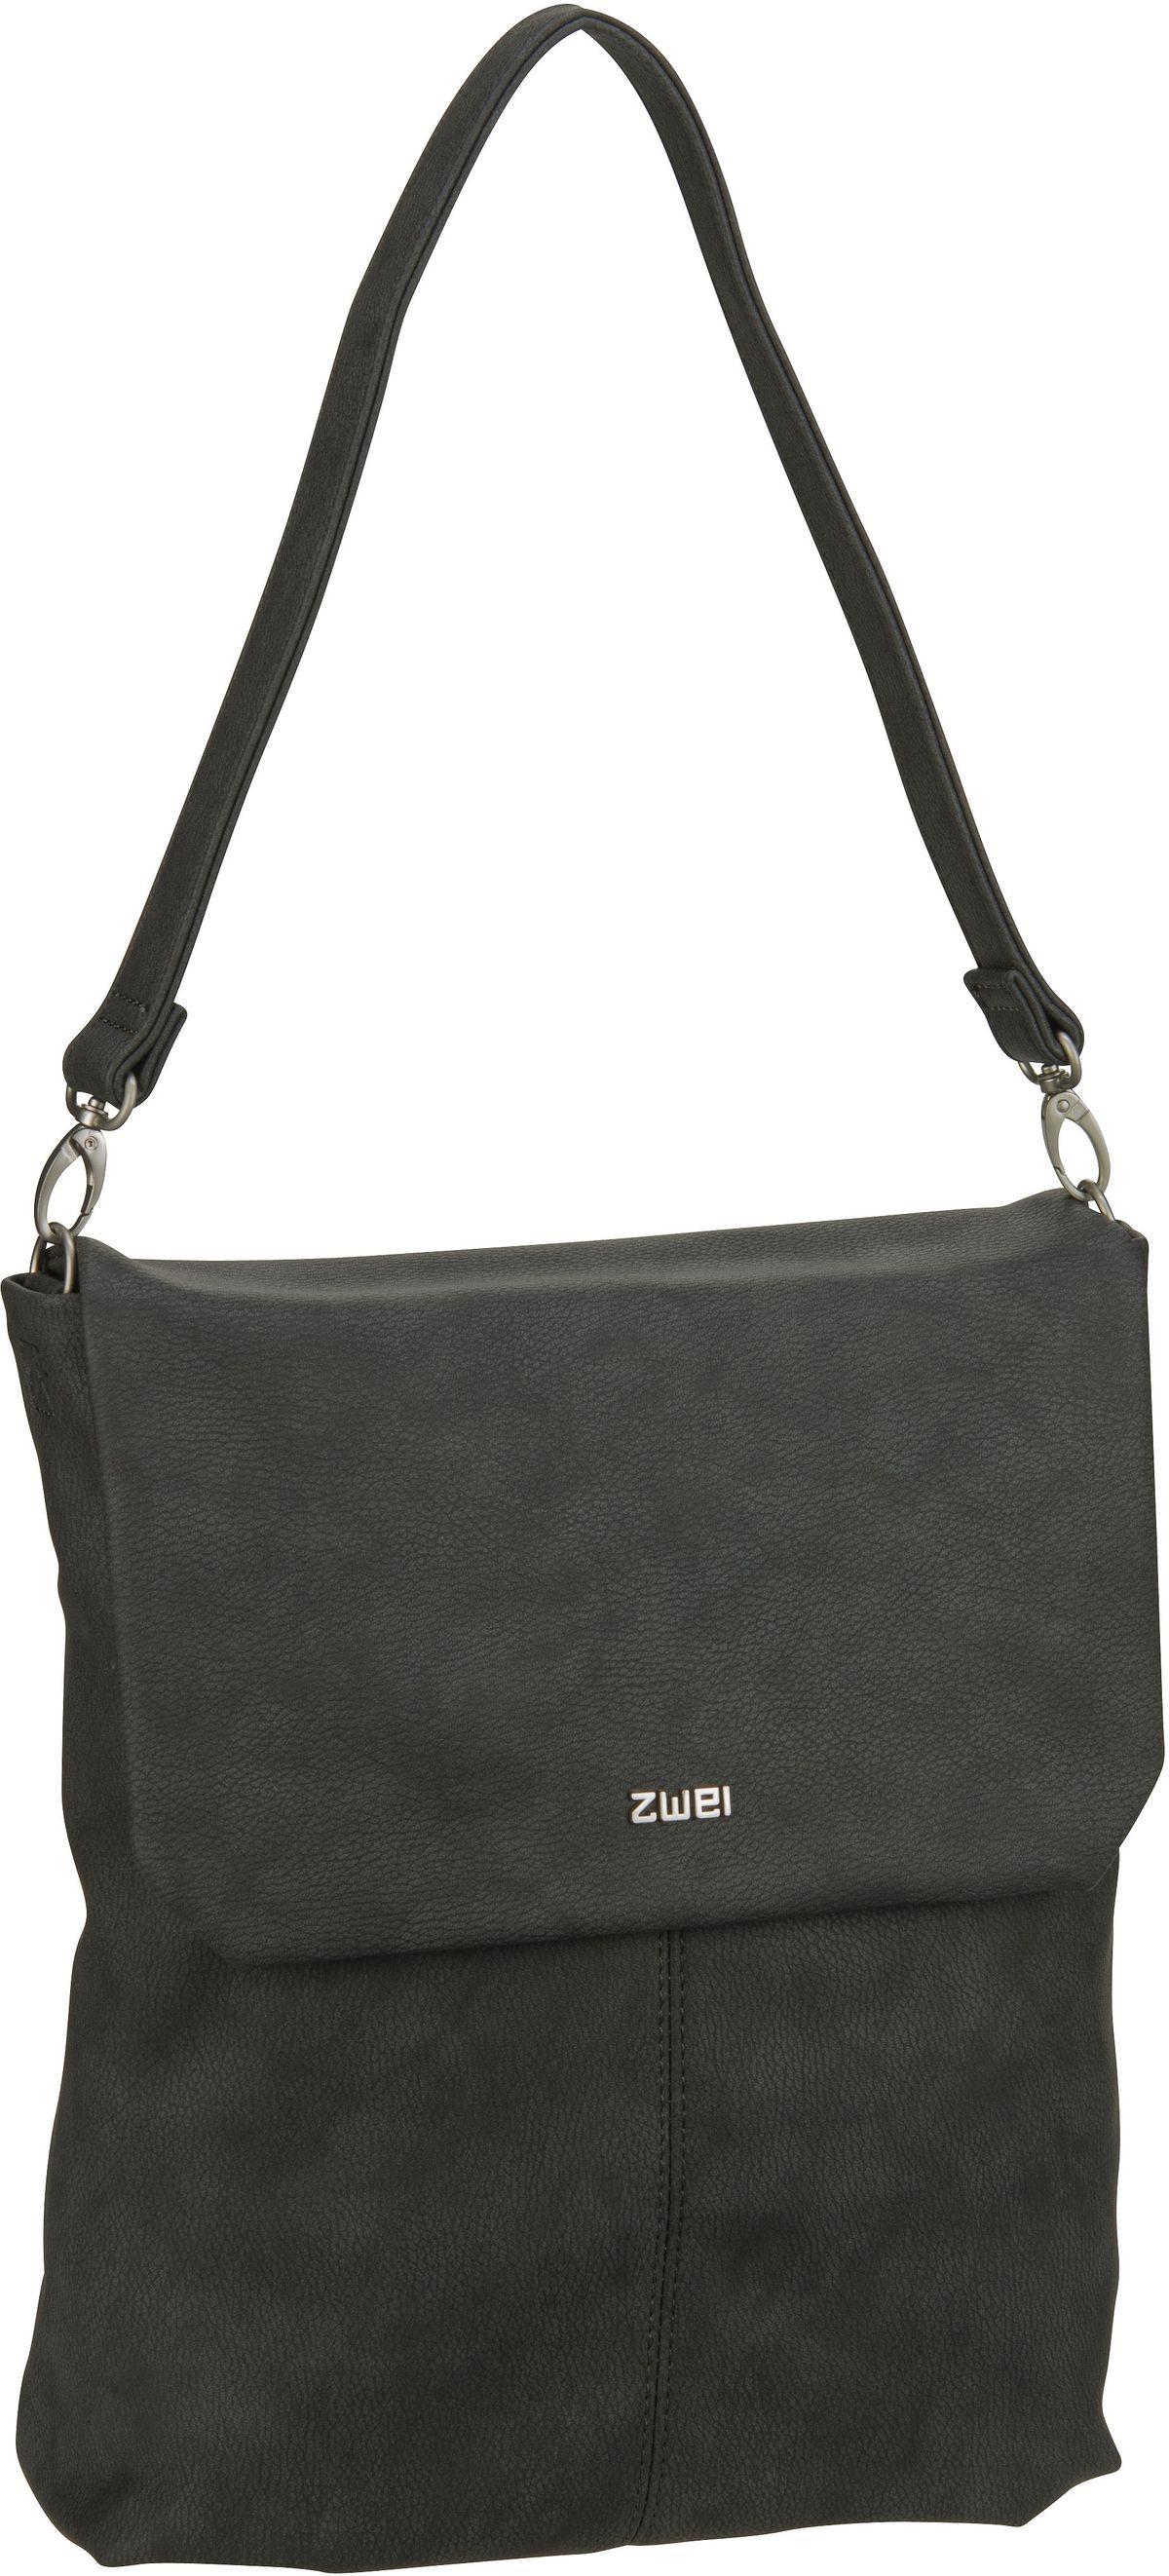 Handtasche Mademoiselle MT15 Nubuk/Stone (7 Liter)